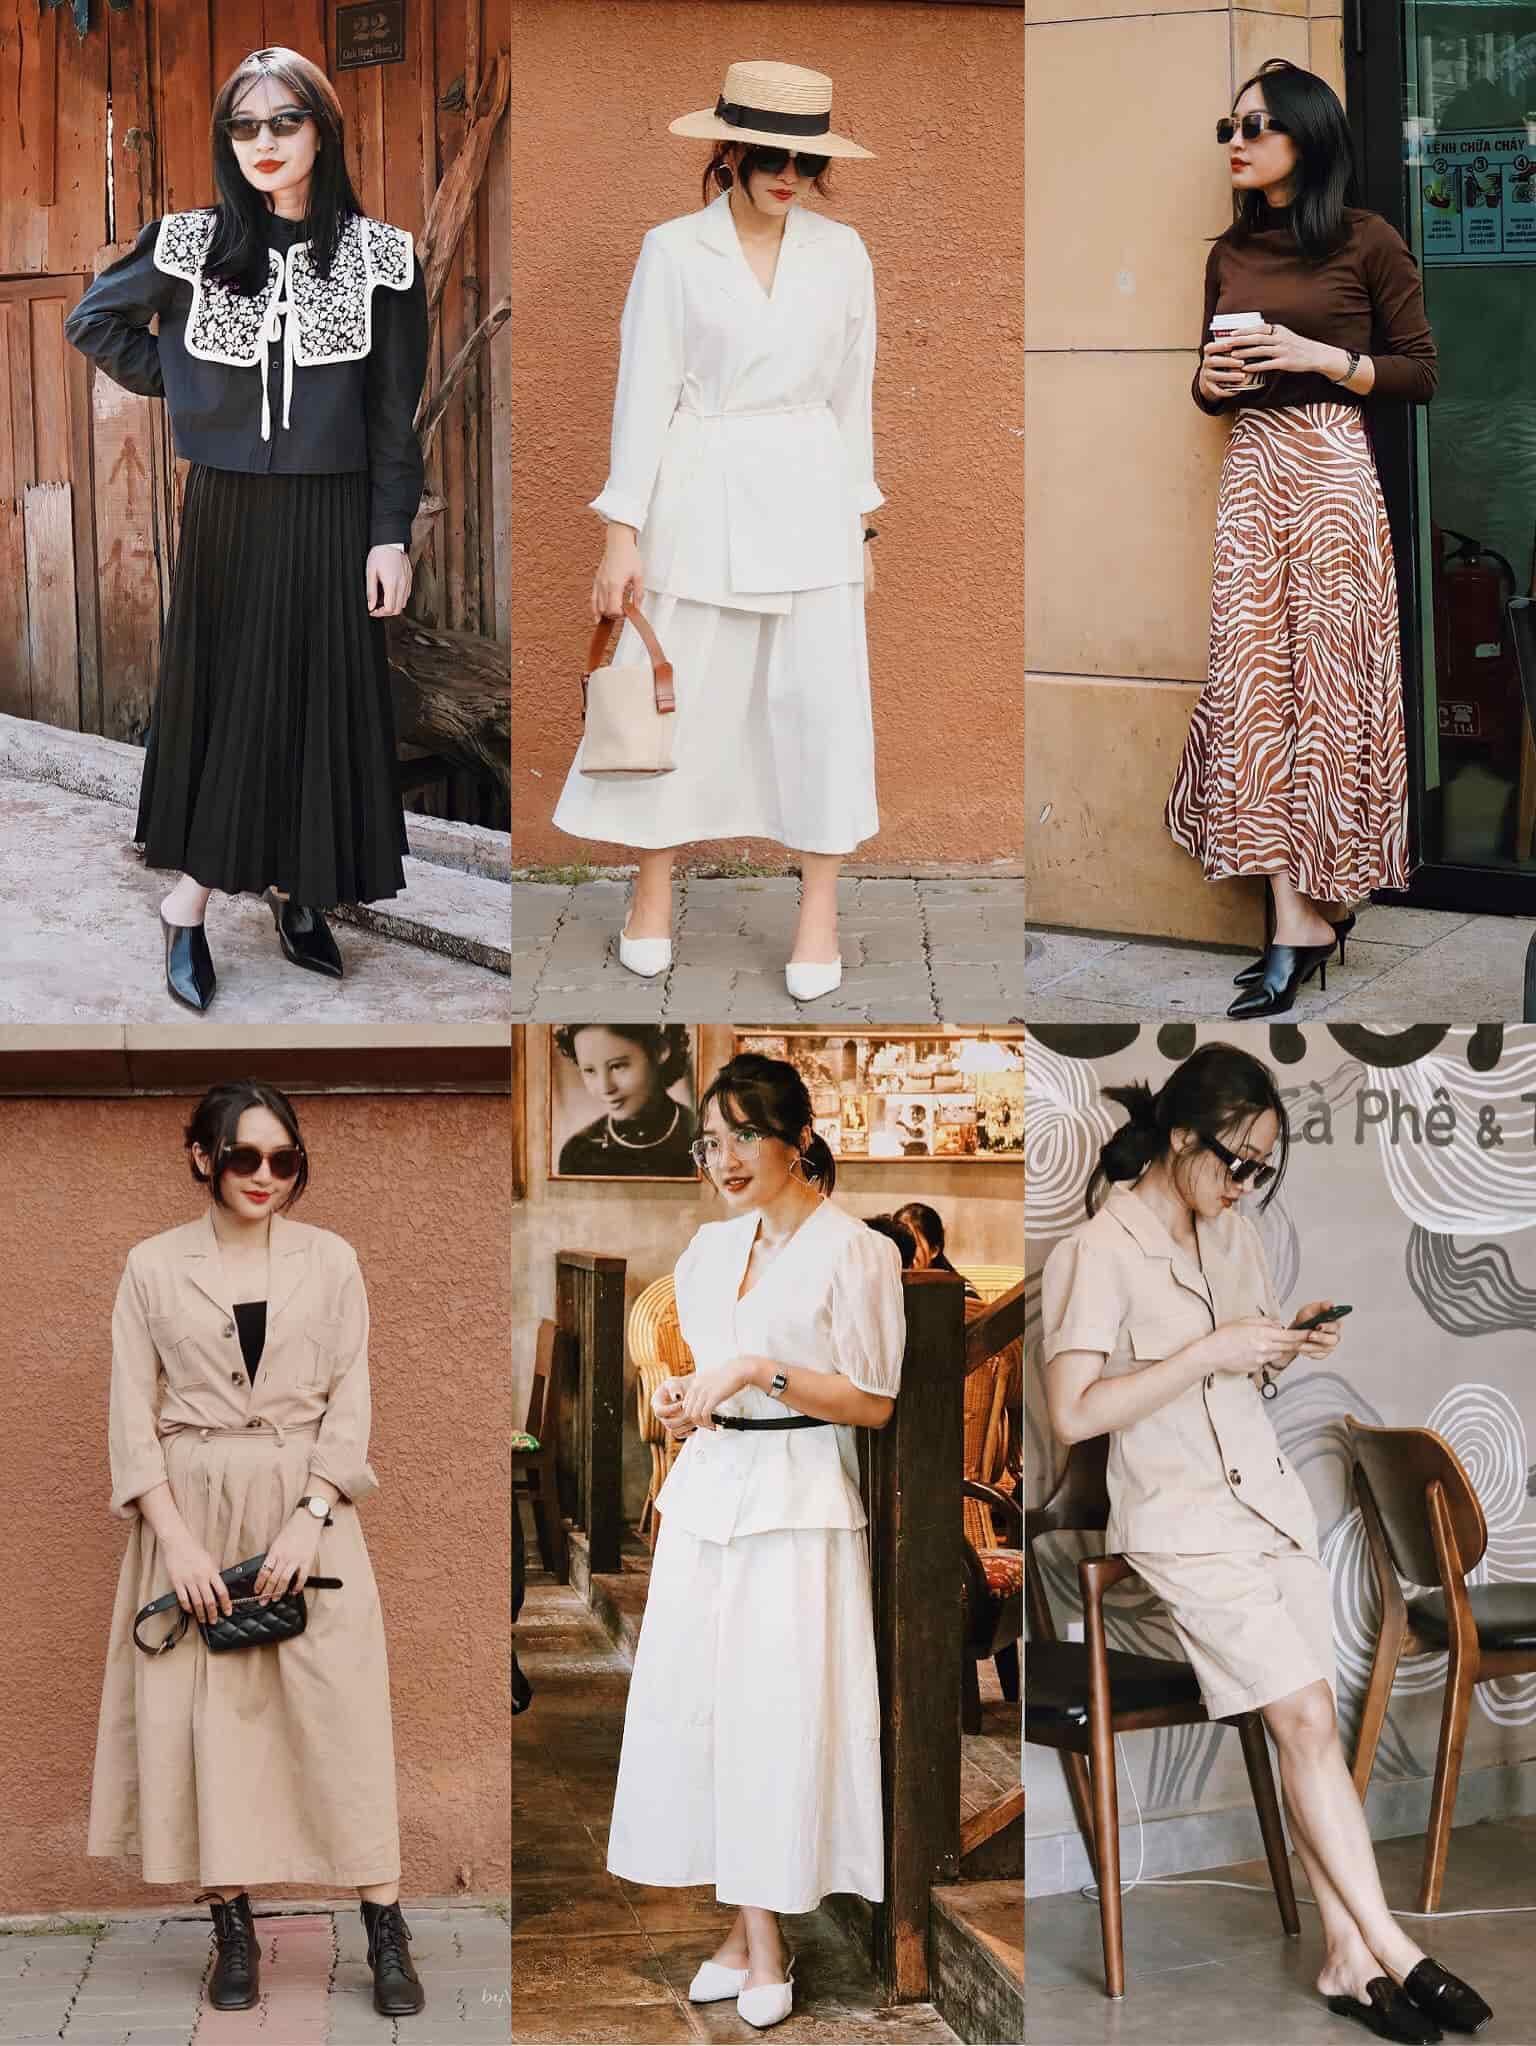 Mượn đồ chị mặc, cô em U30 biến hoá sành điệu: Bật mí chiêu tiết kiệm mua 1 mặc 2 - 8